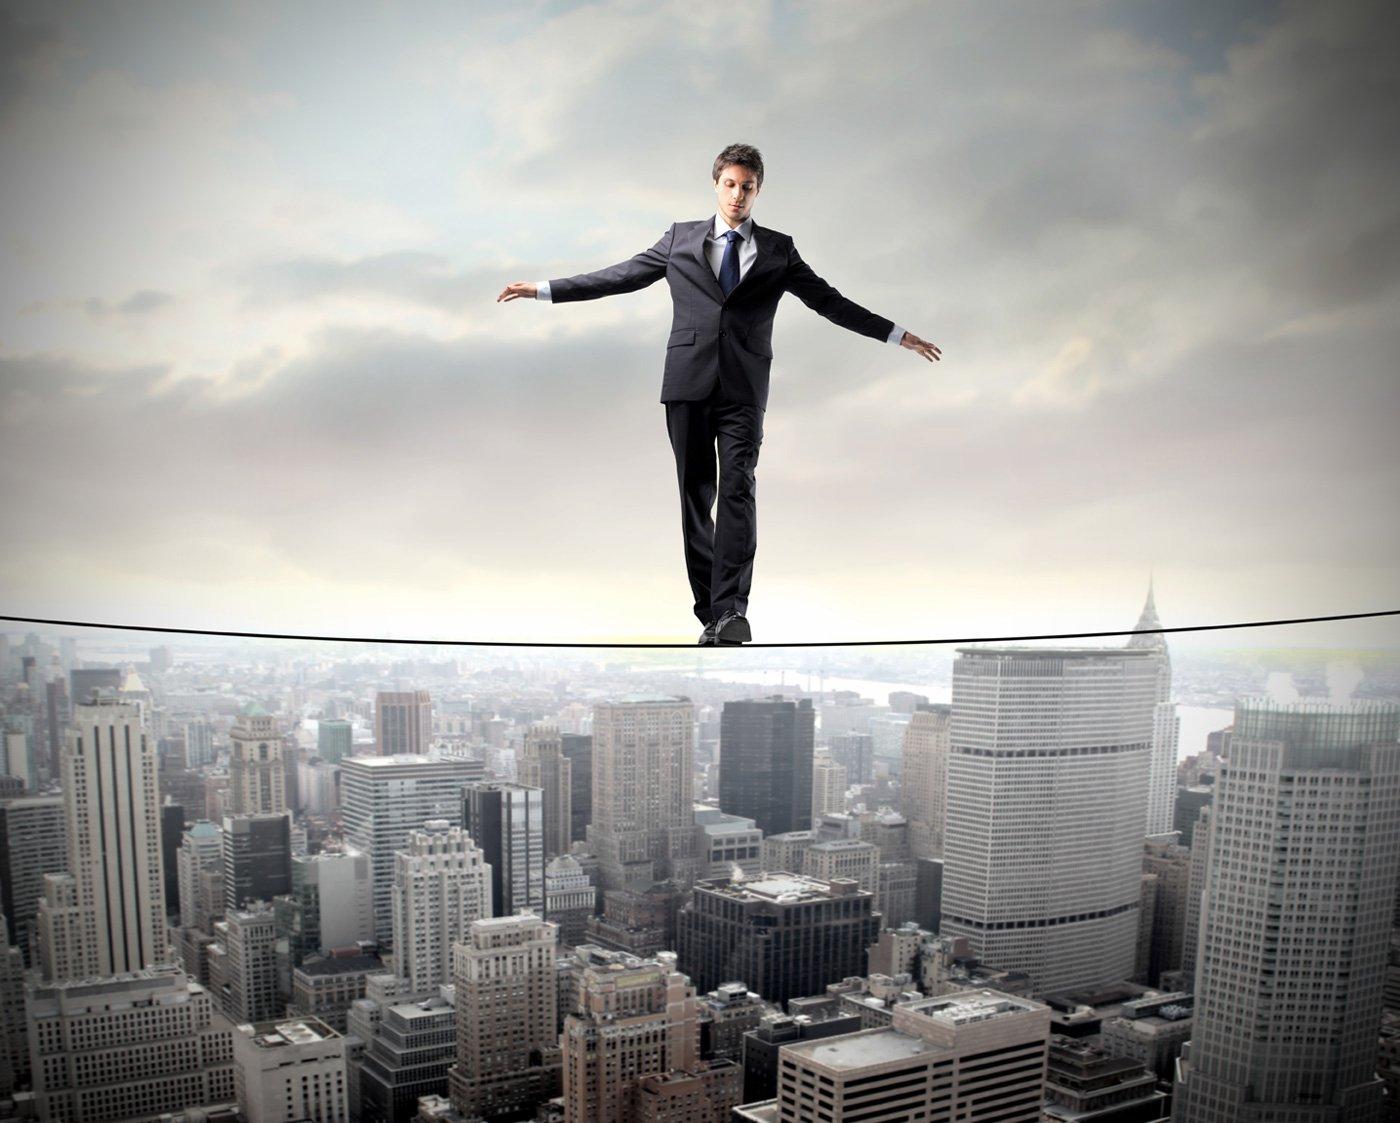 Il concetto di rischio finanziario nell'epoca dell'incertezza